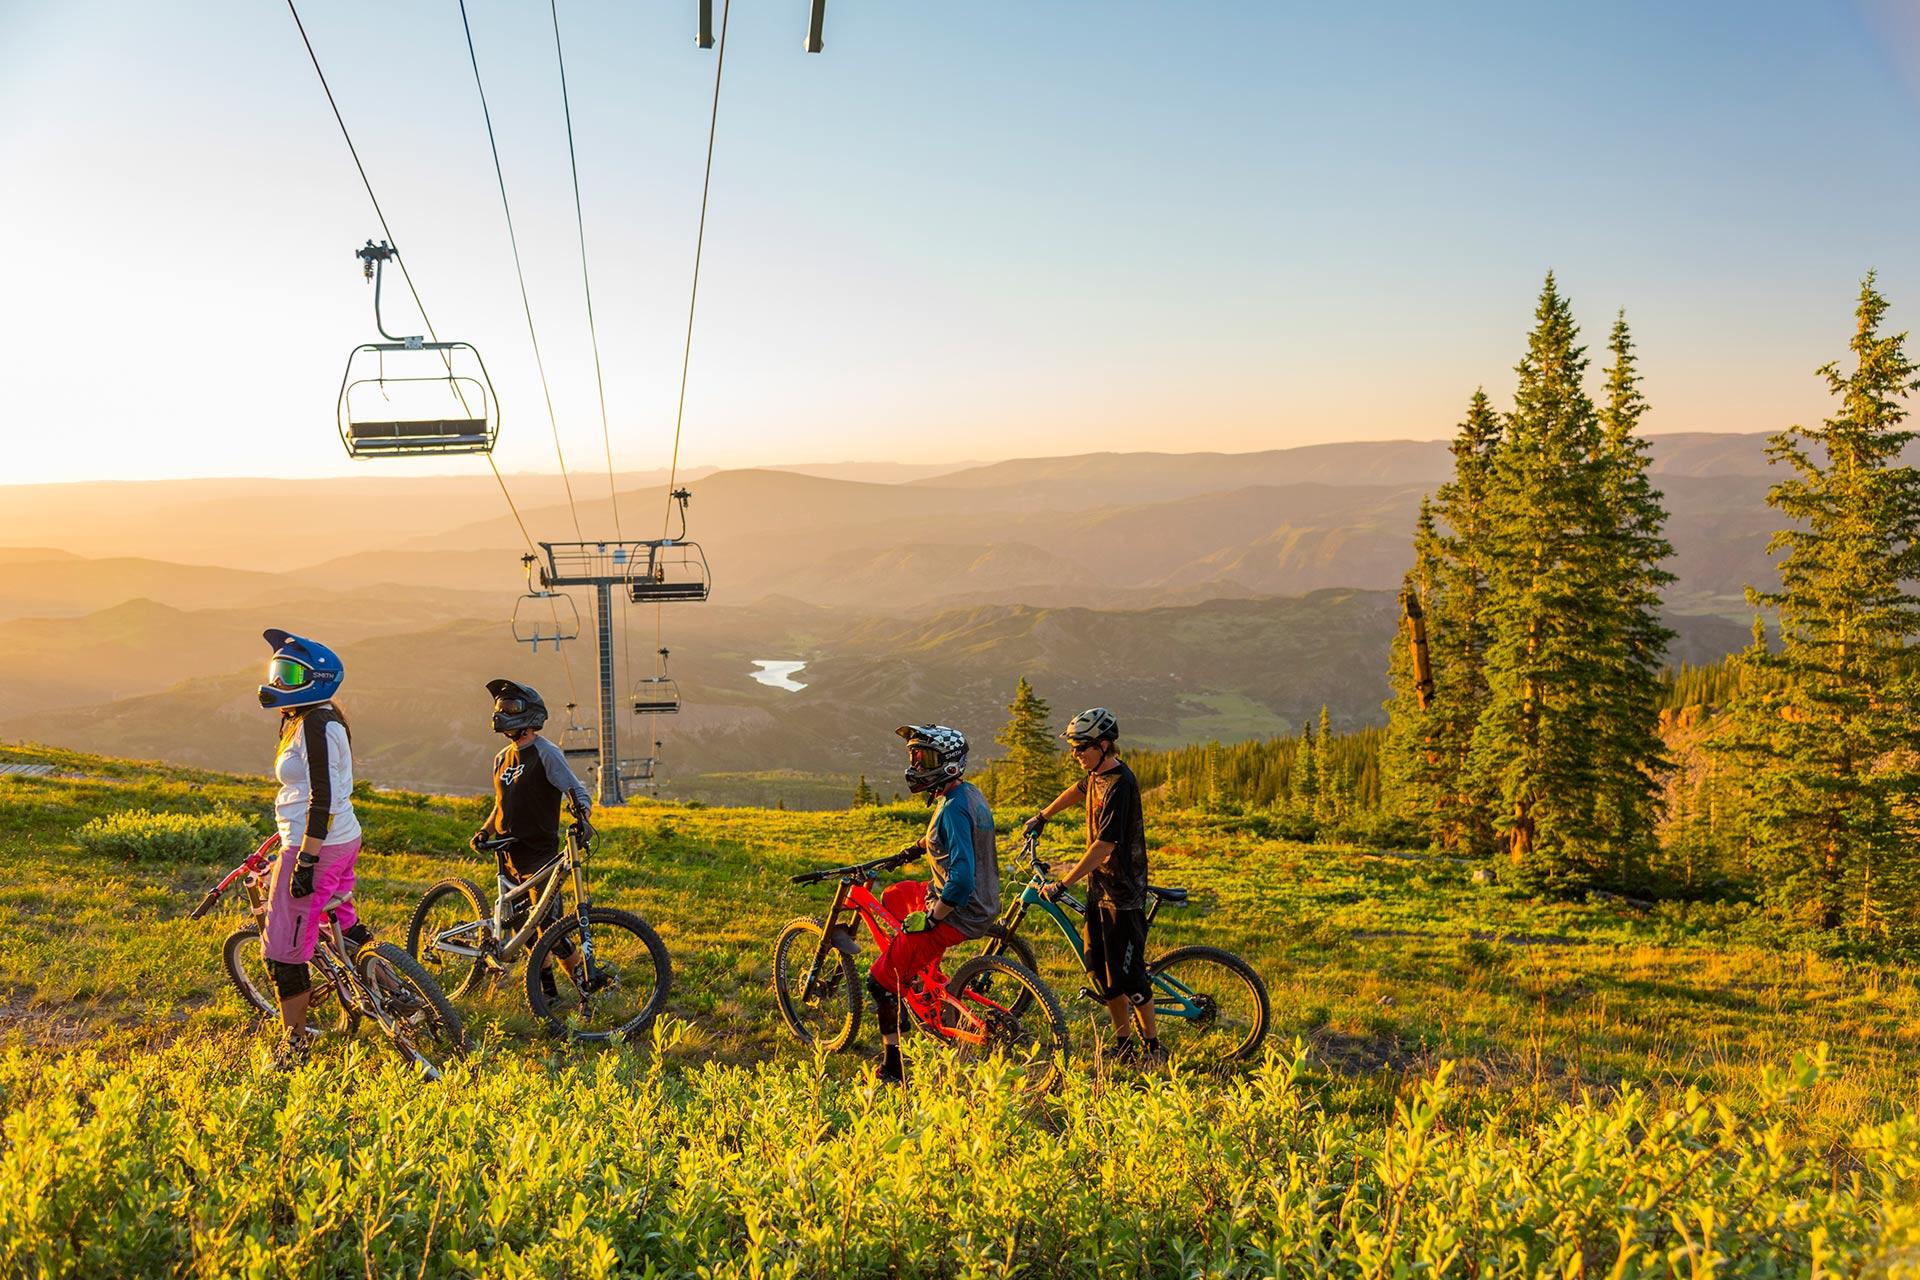 Mountain biking at Aspen in Colorado